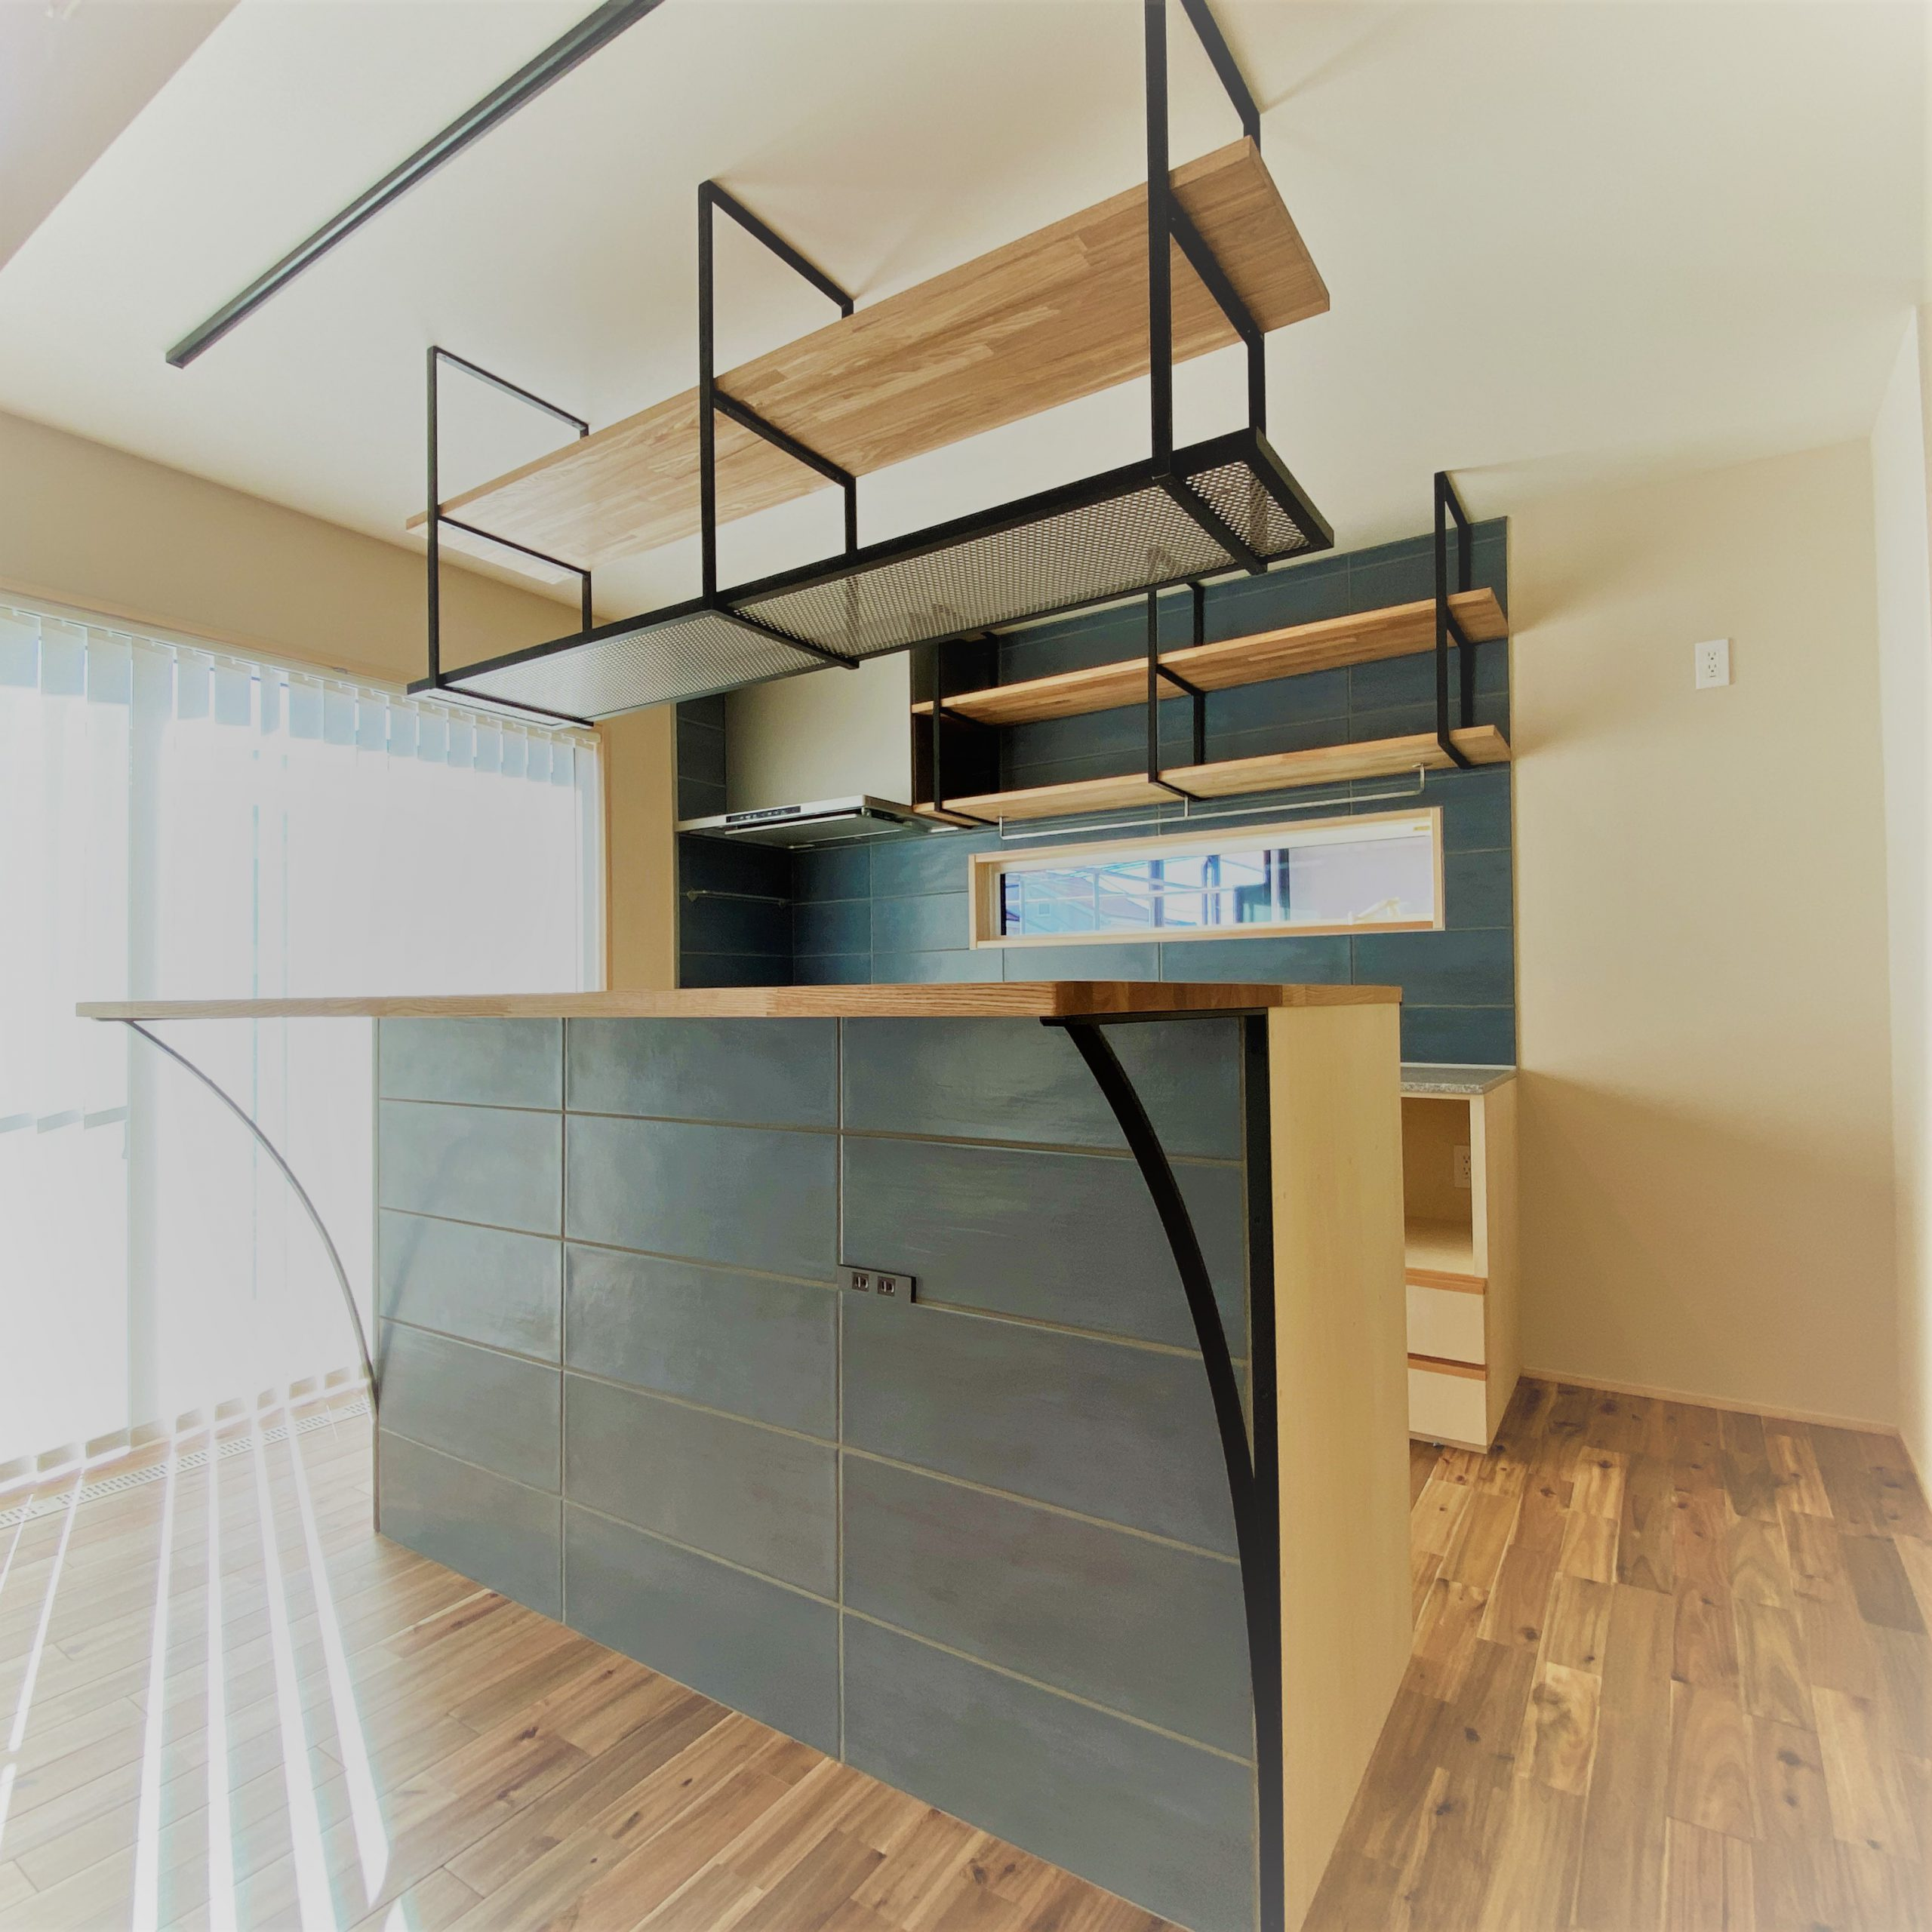 R+houseアールプラスハウス,静岡市で建てる木の家